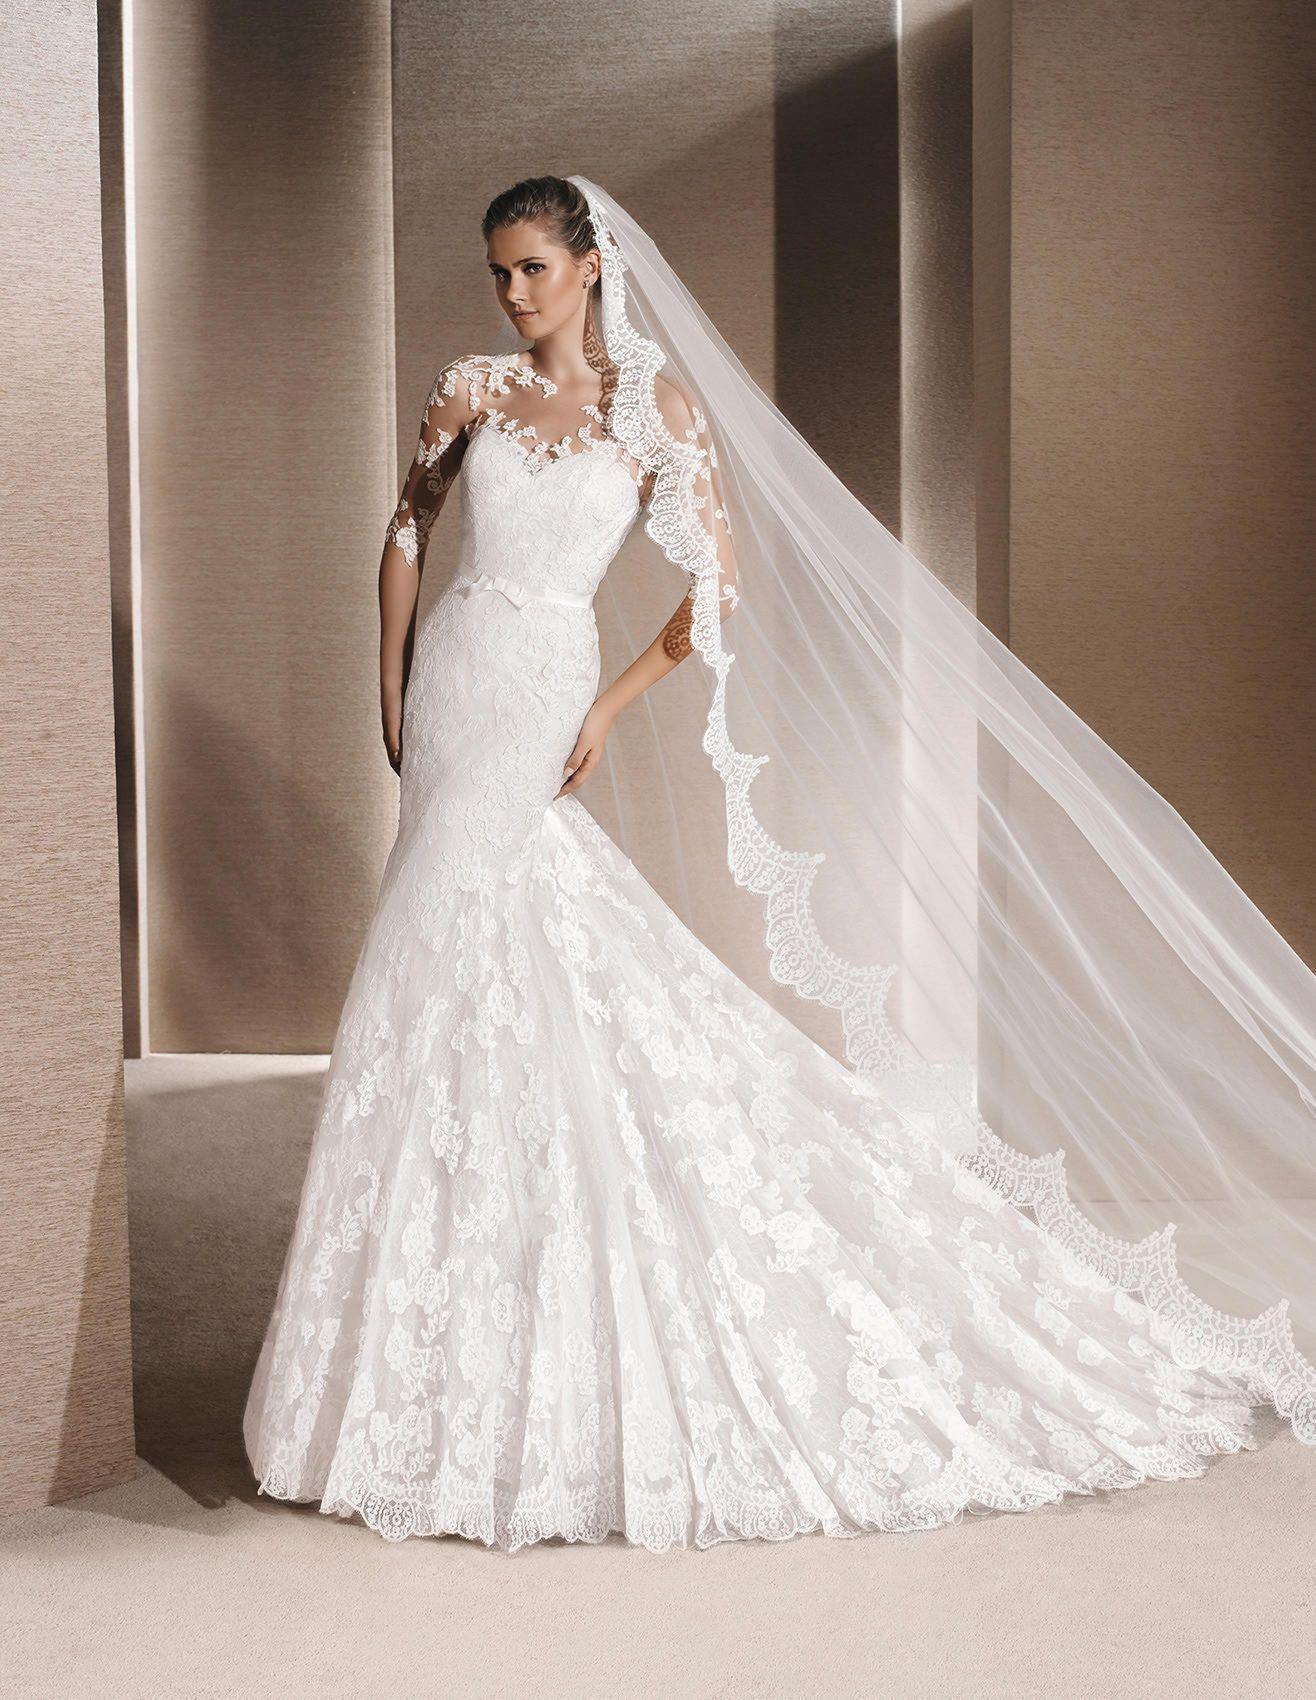 REINARA - Originelles Brautkleid im Meerjungfrau-Stil | La Sposa ...